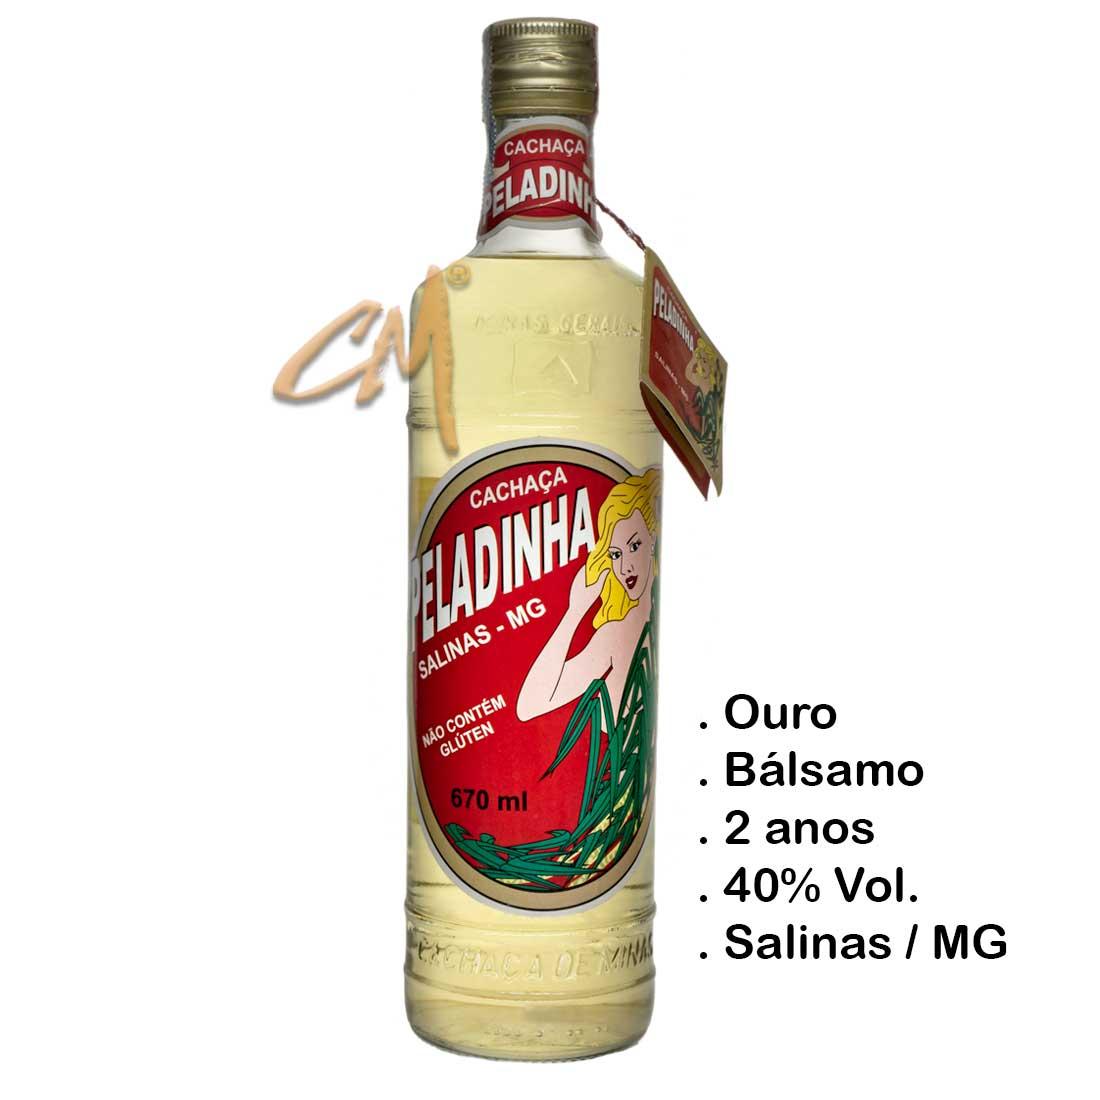 Cachaça Peladinha 670 ml (Salinas - MG)